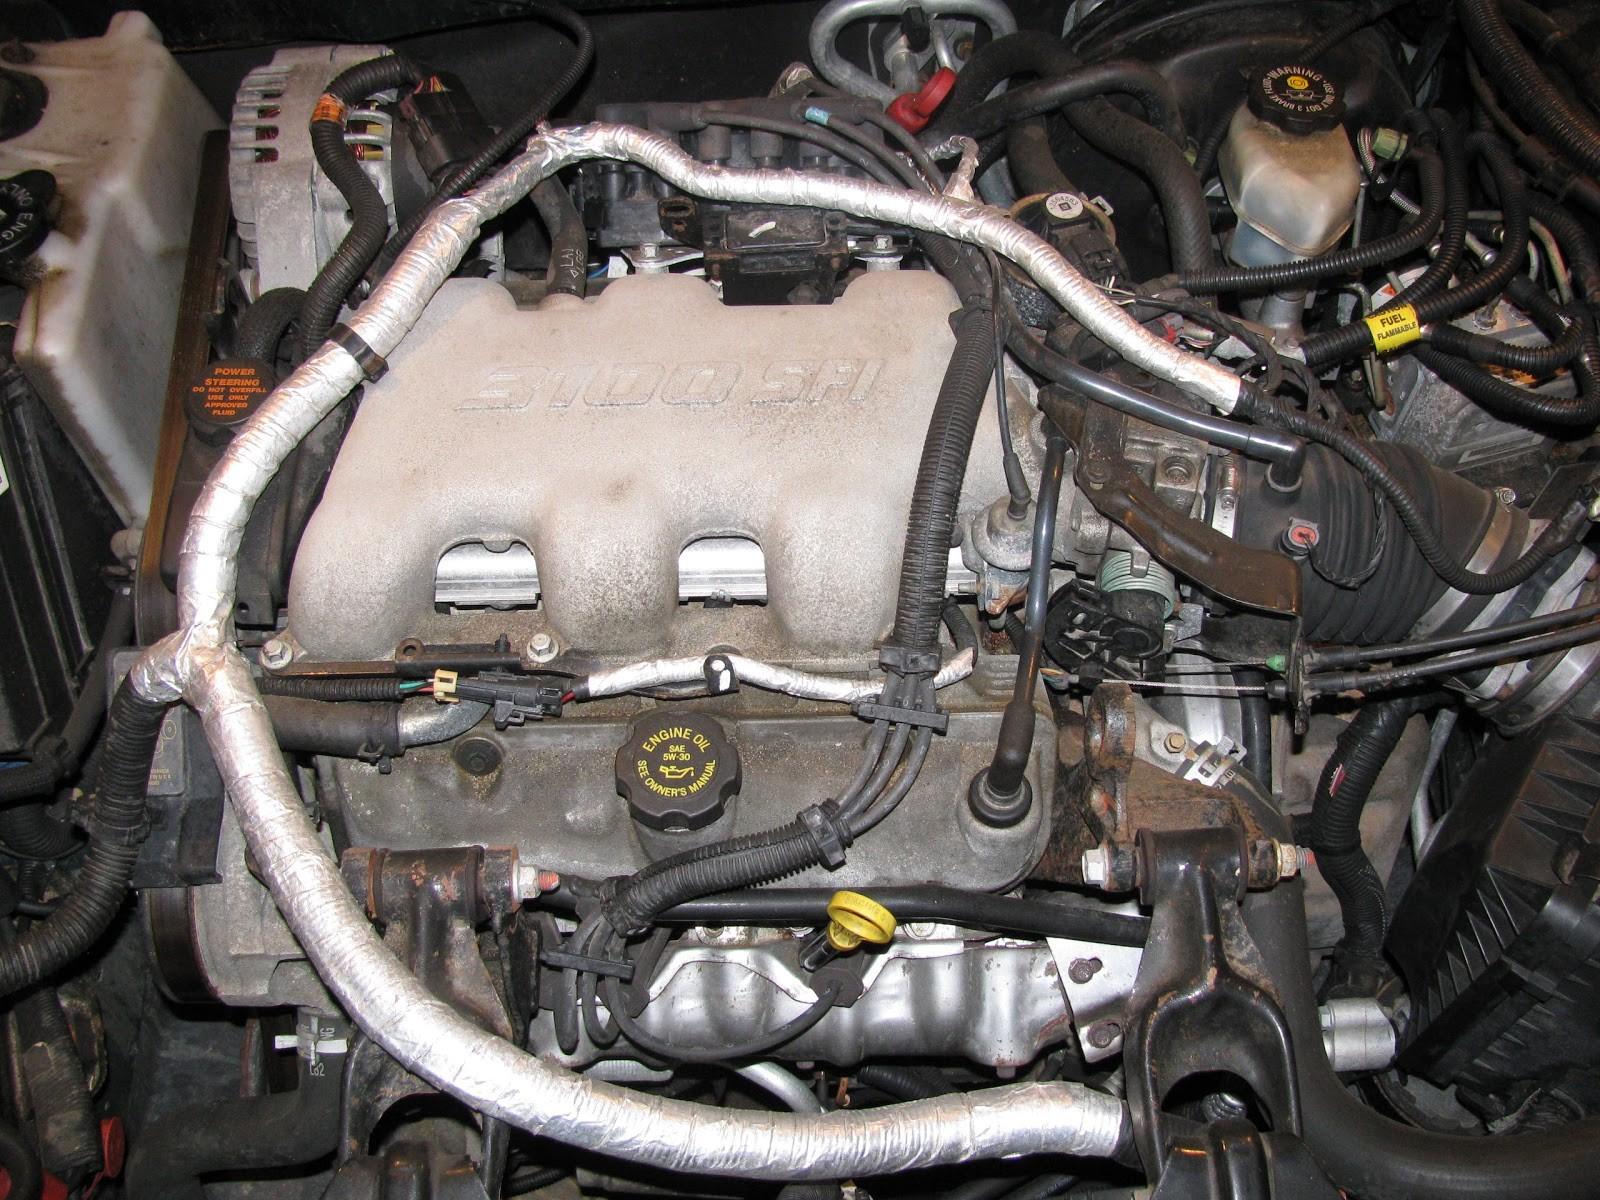 car engine diagram with labeled the original mechanic 3 1l engine gm rh detoxicrecenze com GM 3.4L V6 Engine Diagram Pontiac 3.4 Engine Diagram